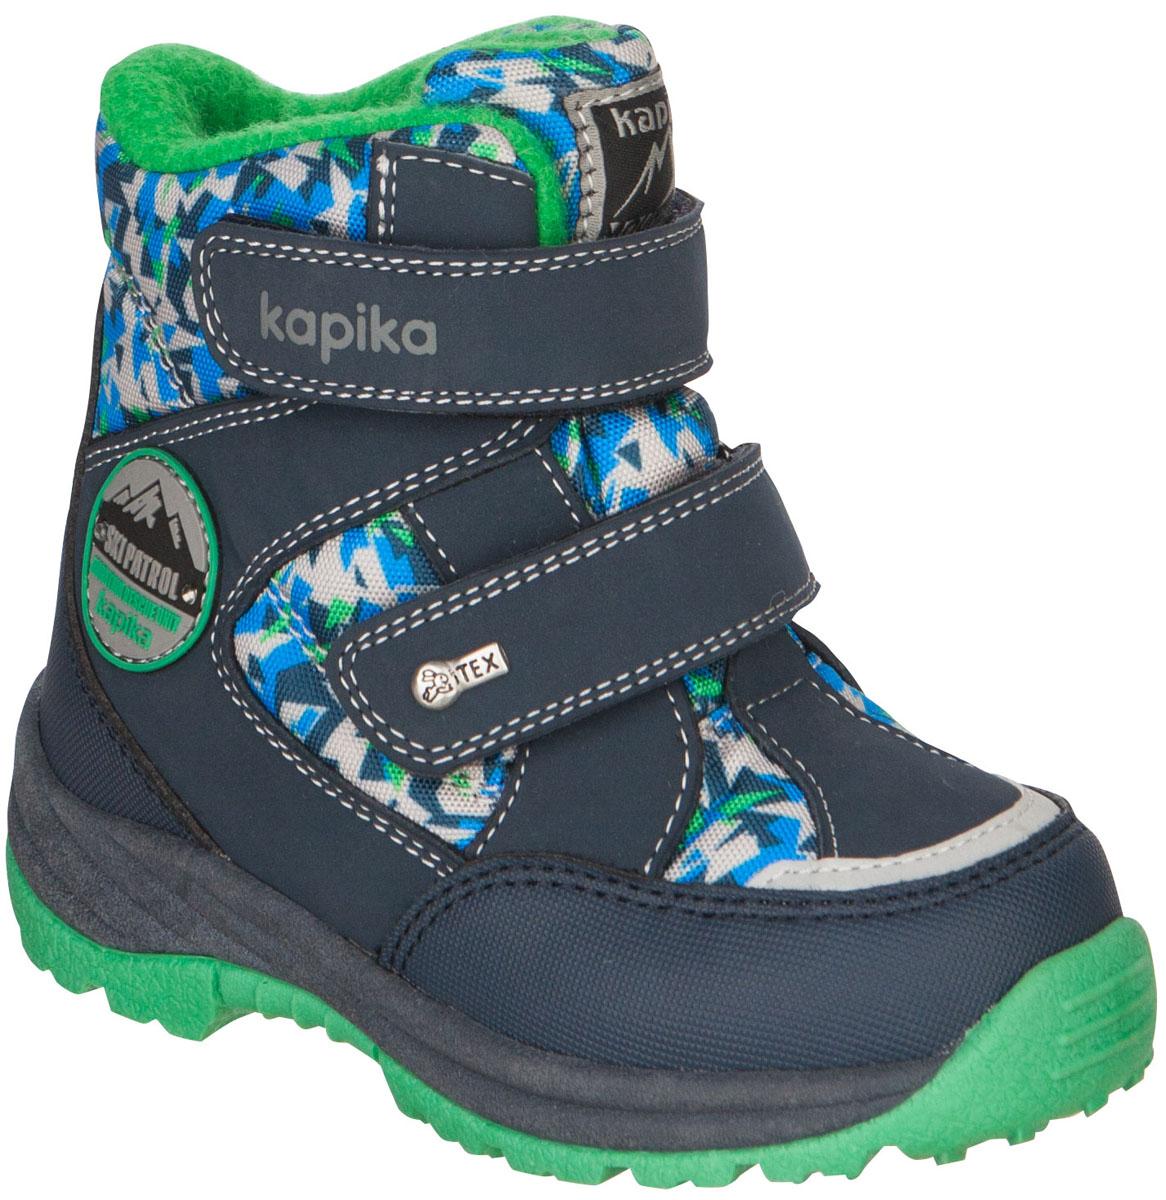 41150-2Ботинки от Kapika придутся по душе вашему мальчику. Модель идеально подходит для зимы, сохраняет комфортный микроклимат в обуви как при ношении на улице, так и в помещении. Верх обуви изготовлен из искусственной кожи со вставками из водонепроницаемого текстиля, оформленного абстрактным принтом. Два ремешка на застежке-липучке надежно зафиксируют изделие на ноге. Боковая сторона, язычок и верхний ремешок декорированы логотипом бренда. Подкладка и стелька изготовлены из натуральной шерсти, что позволяет сохранить тепло и гарантирует уют ногам. Подошва с рифлением обеспечивает идеальное сцепление с любыми поверхностями. Такие чудесные ботинки займут достойное место в гардеробе вашего ребенка.